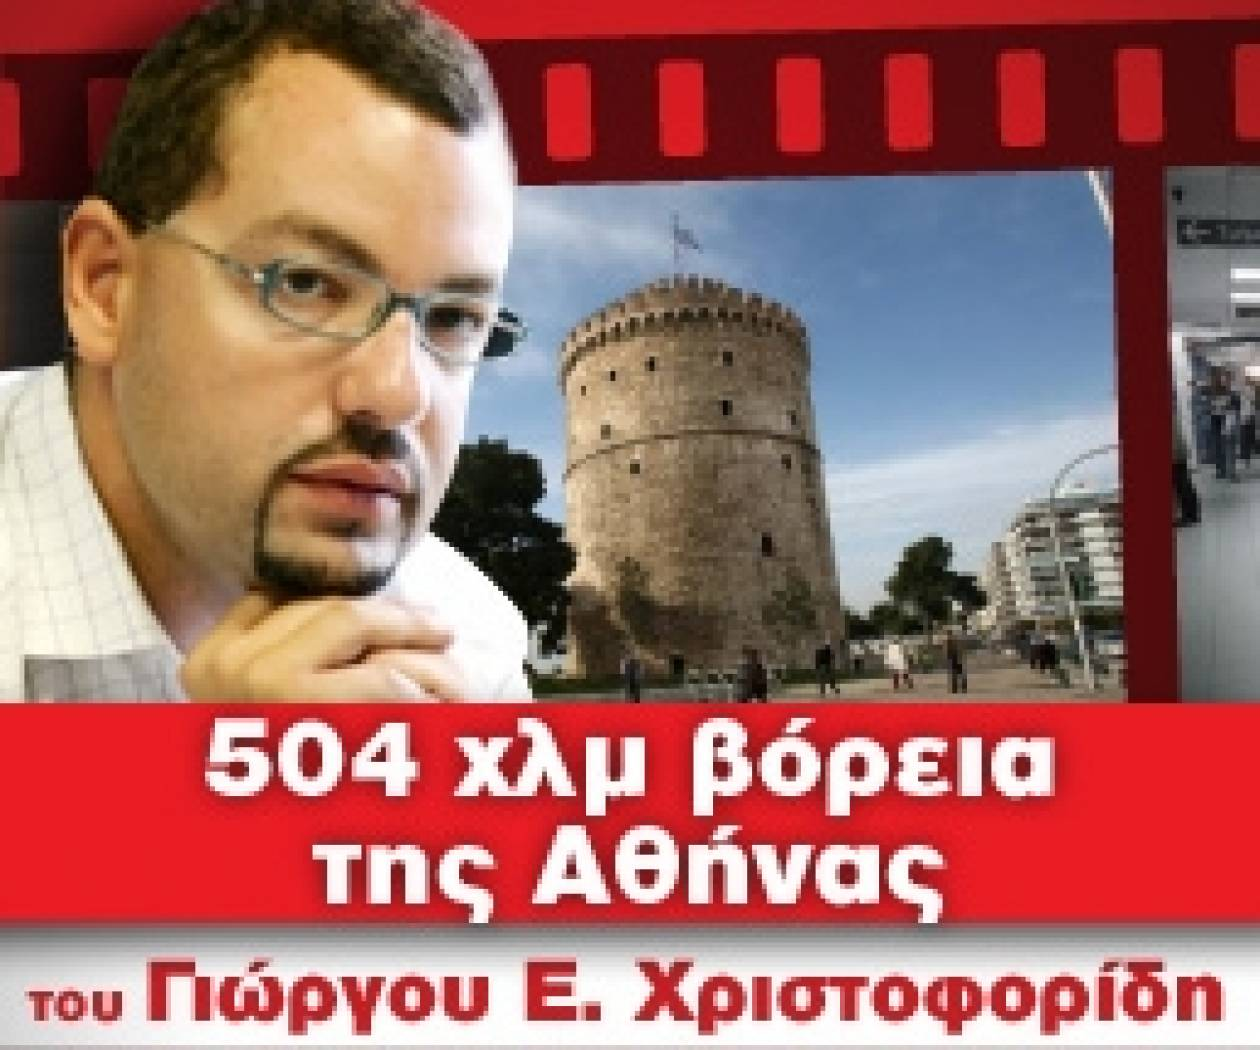 Θεσσαλονίκη: Ουρές για την καρέκλα του «Βαρτζό»